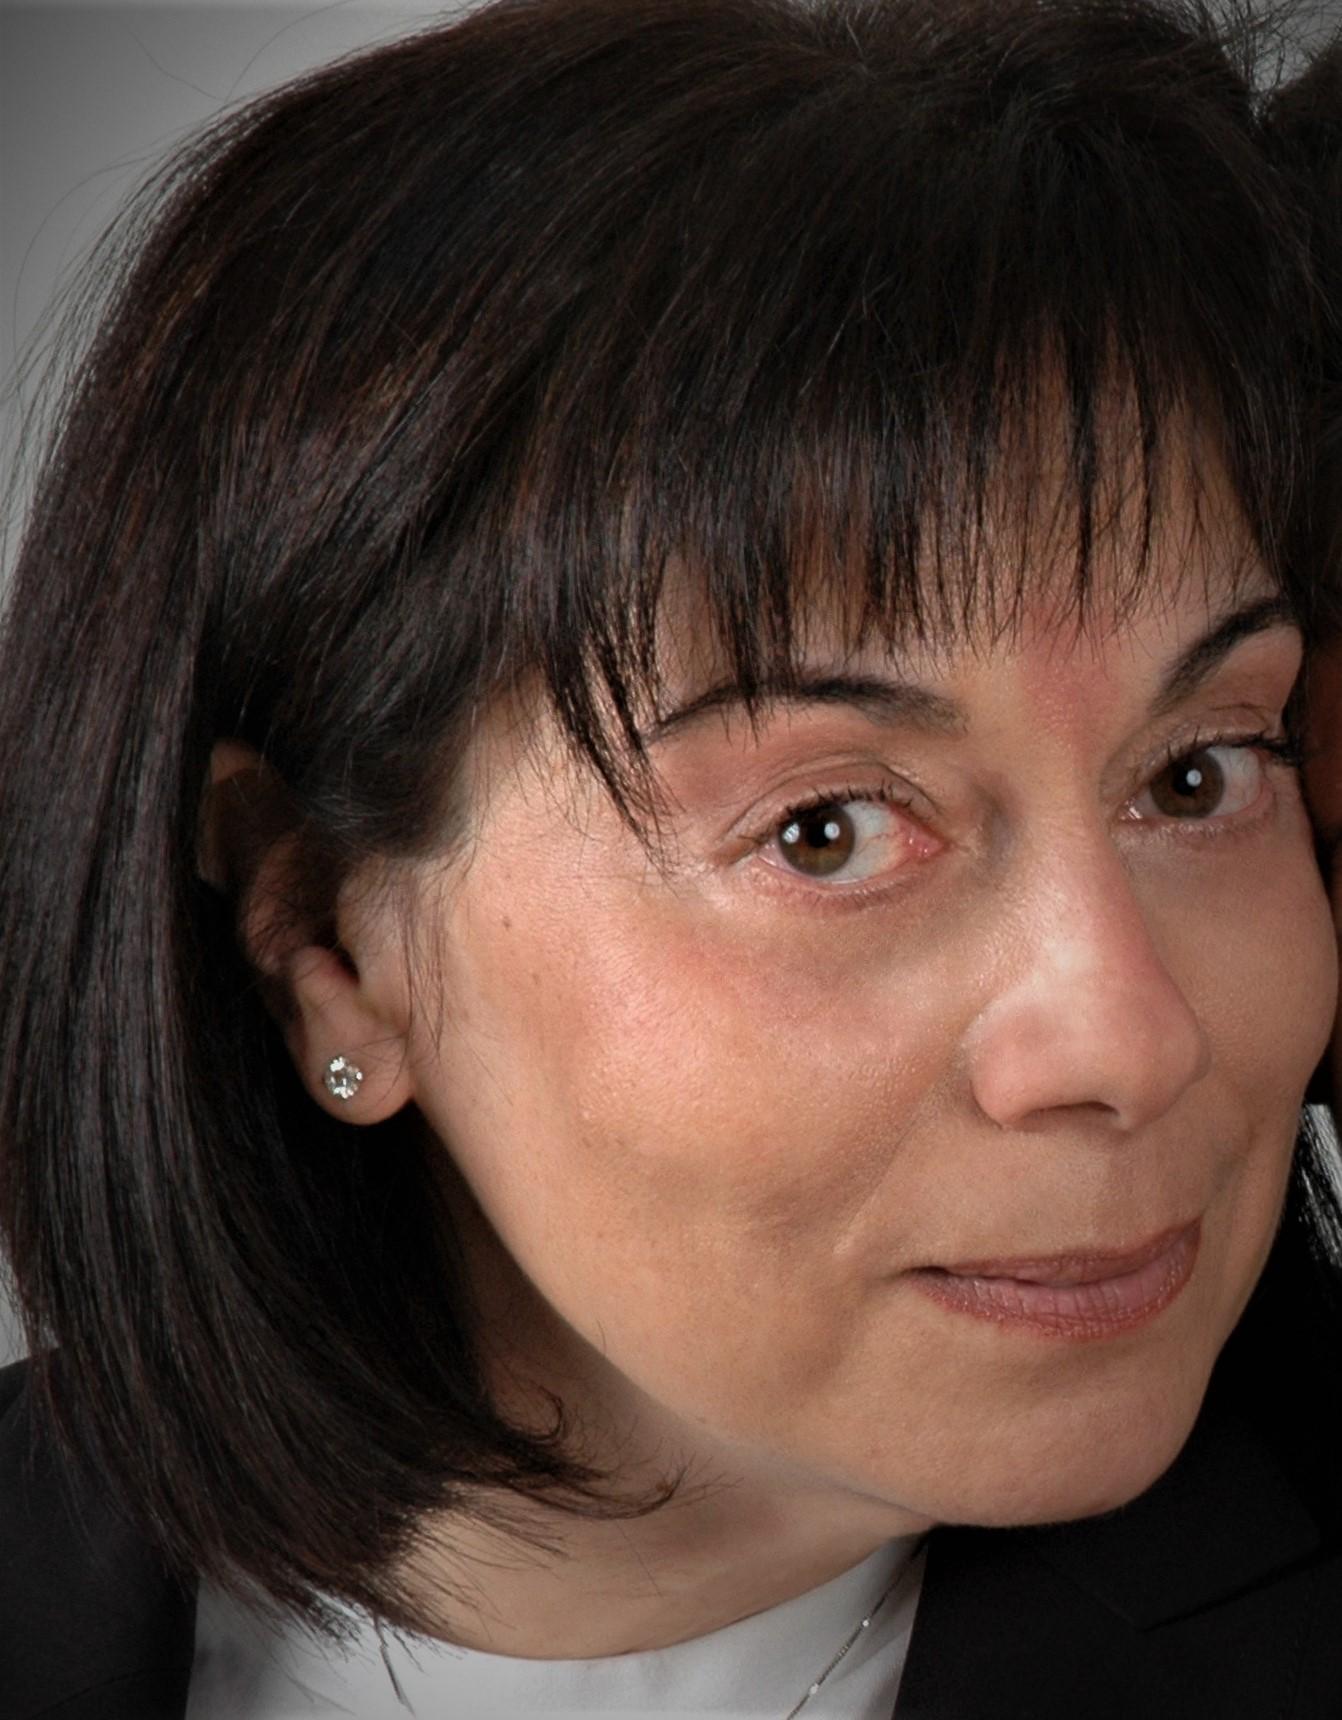 Ελένη Τροβά: Ακριβή μου δικαιοσύνη